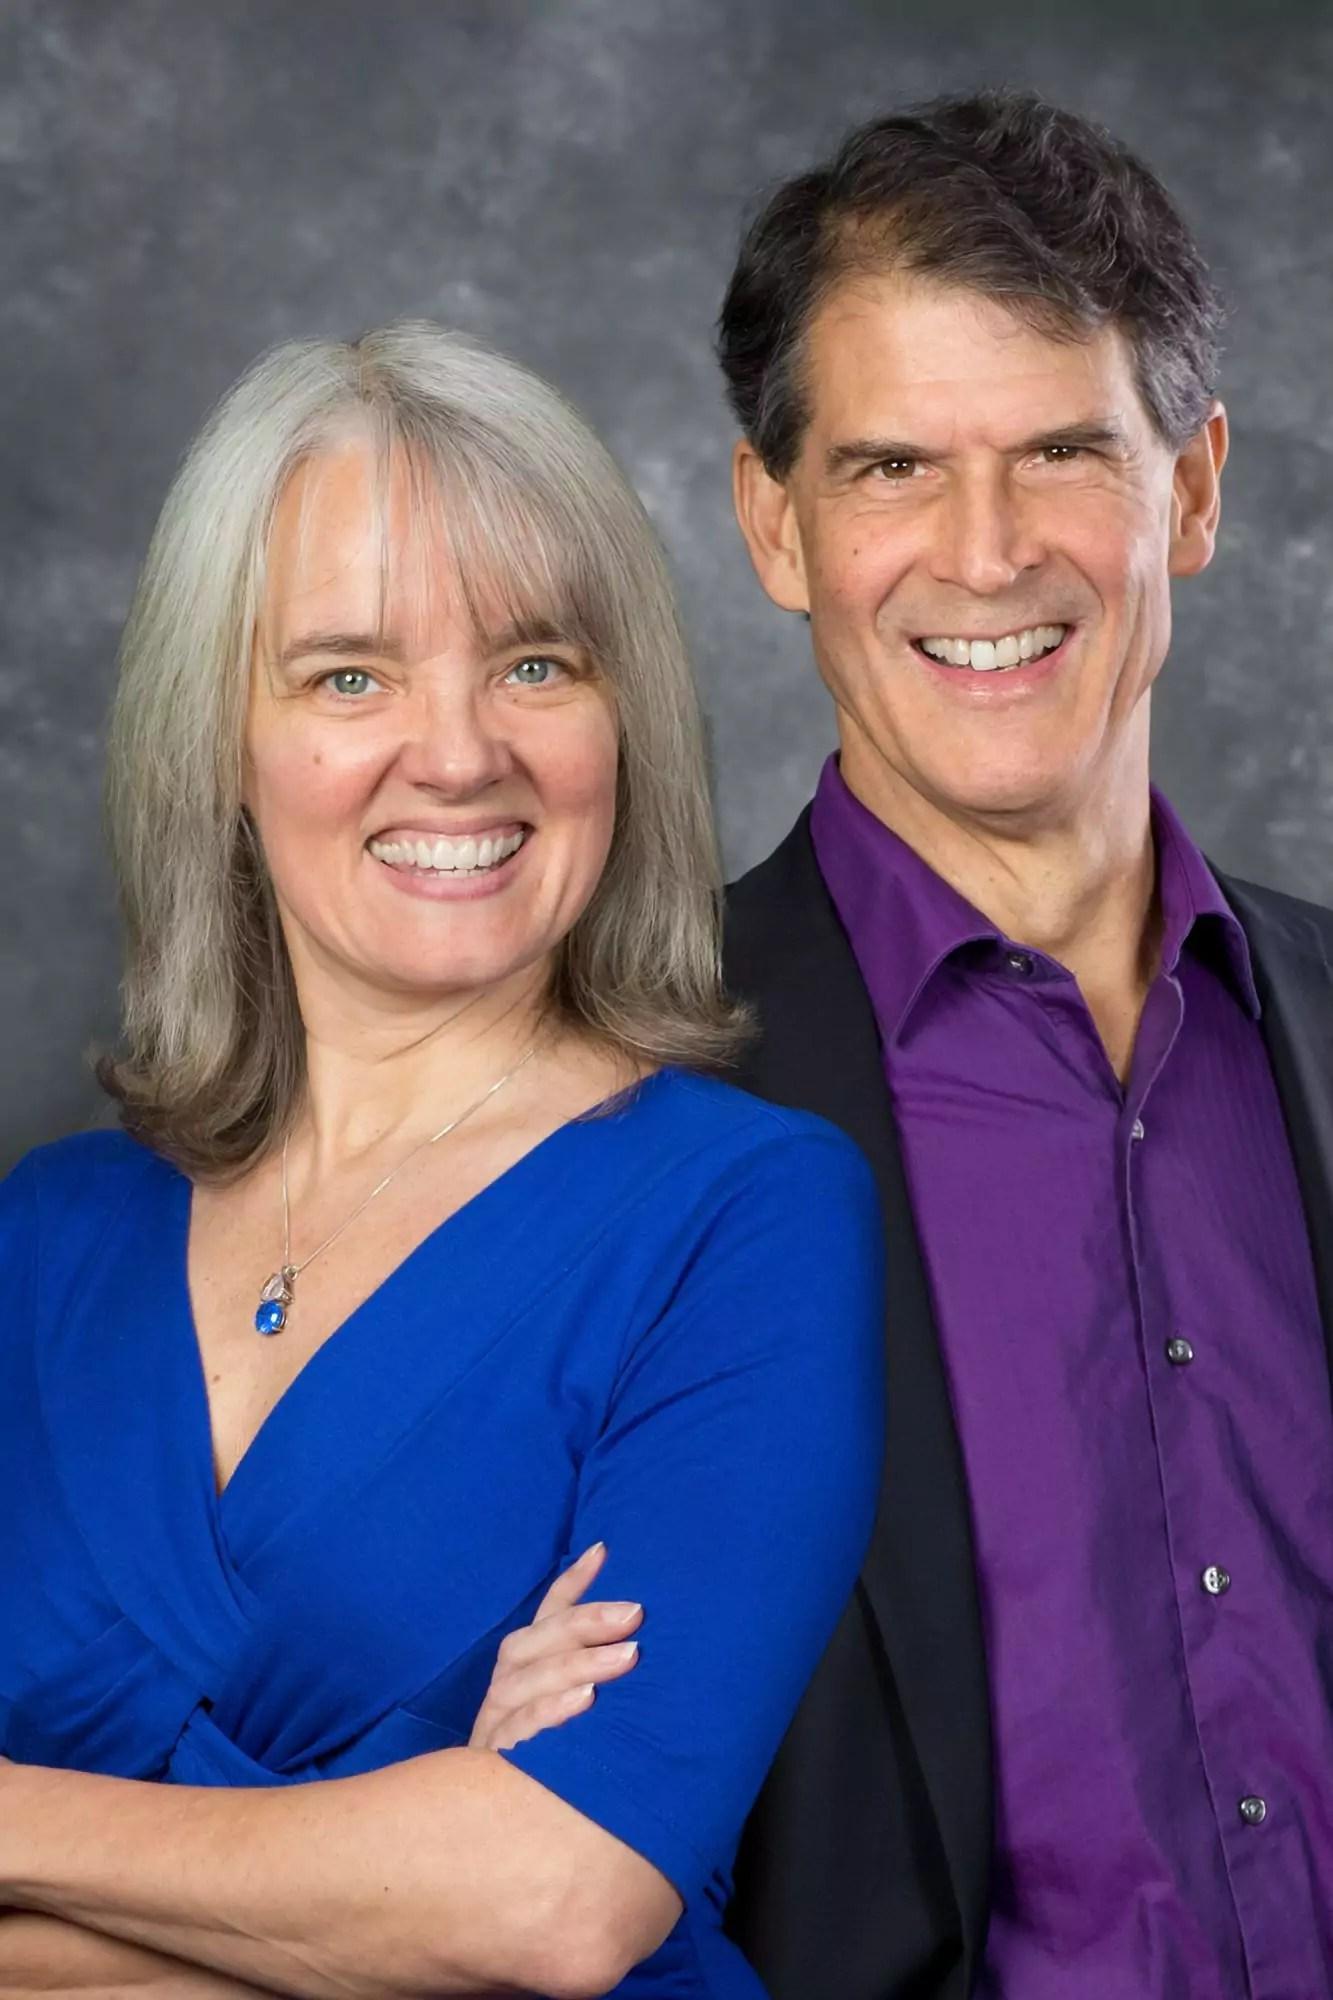 Portrait of Dr. Eben Alexander & Karen Newell.